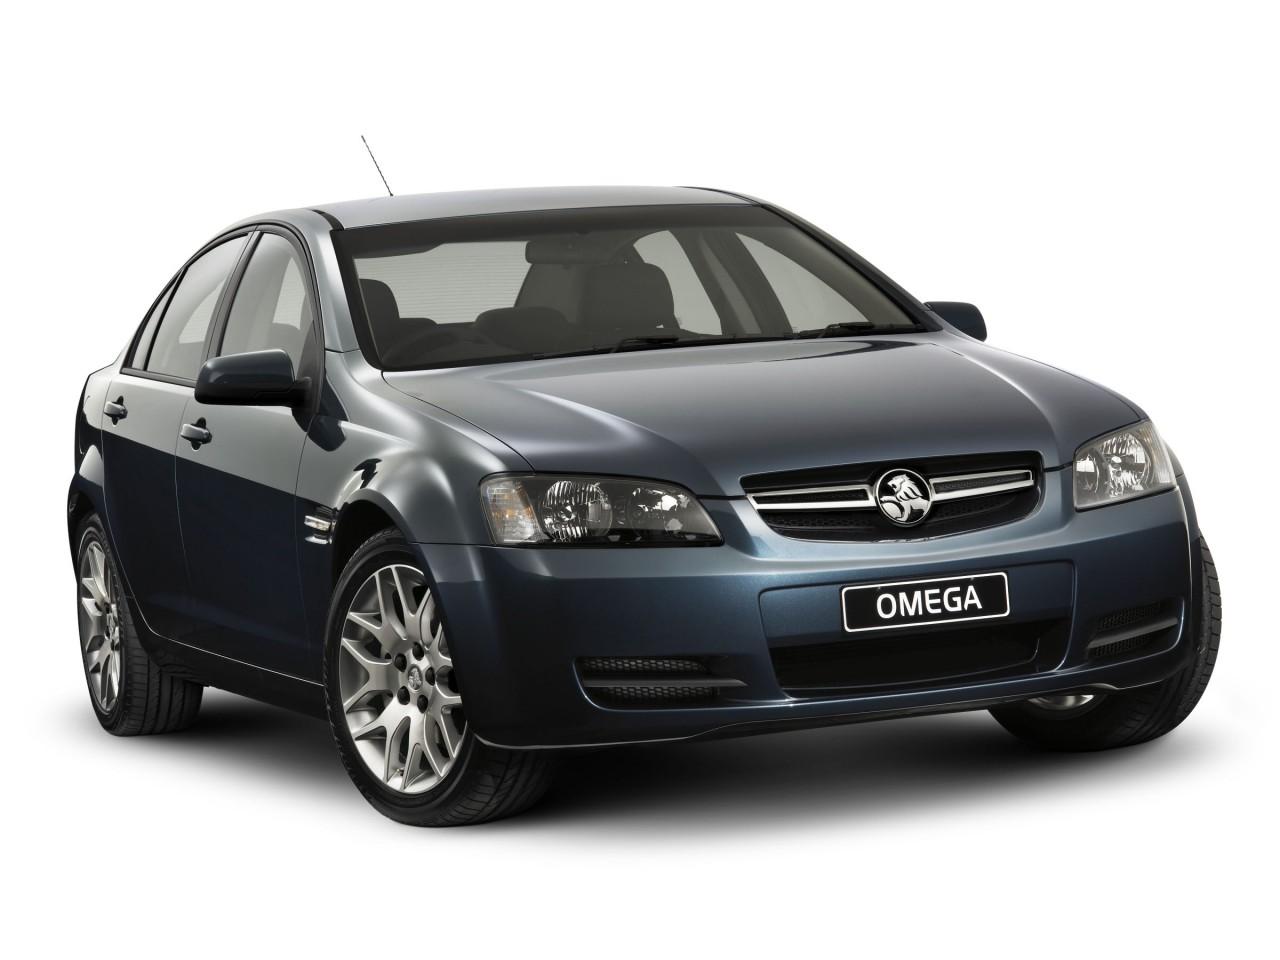 2008 Holden Ve Commodore Omega Motor Desktop